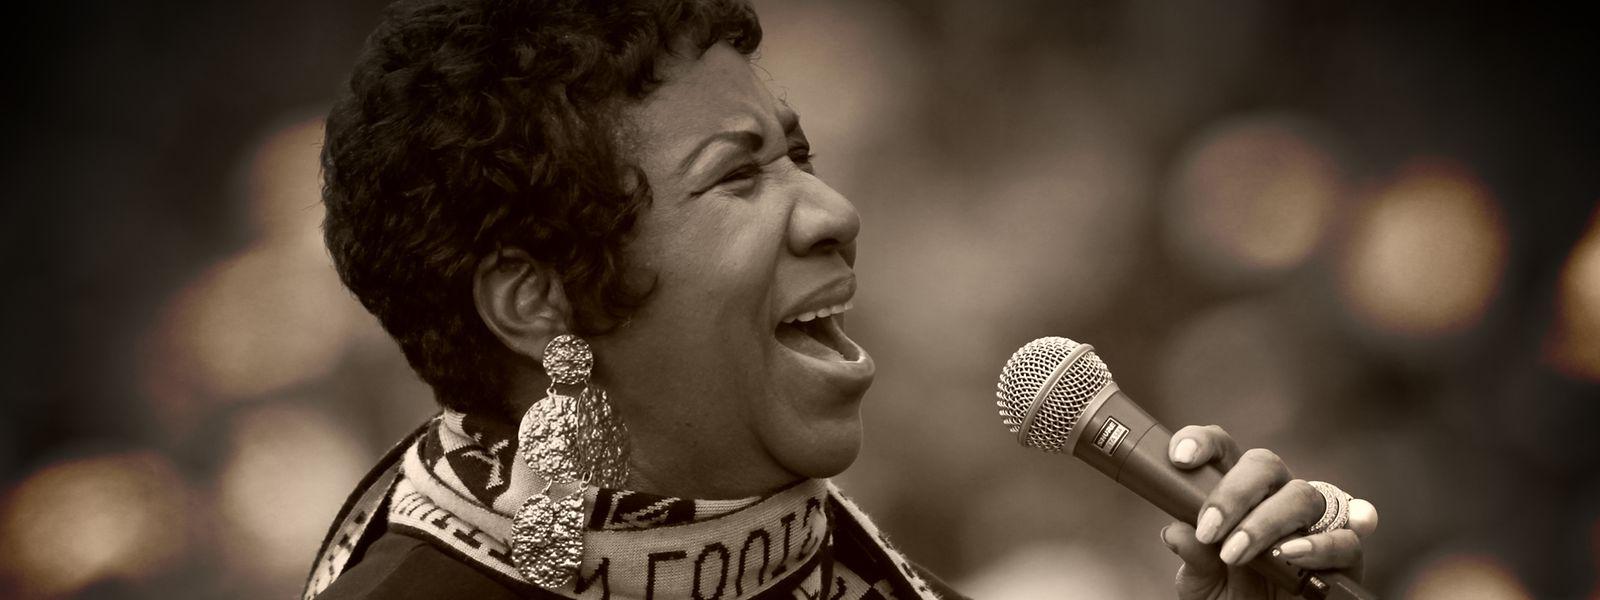 Aretha Franklin war einer der ersten weiblichen Popstars. Sie wurde 76 Jahre alt.